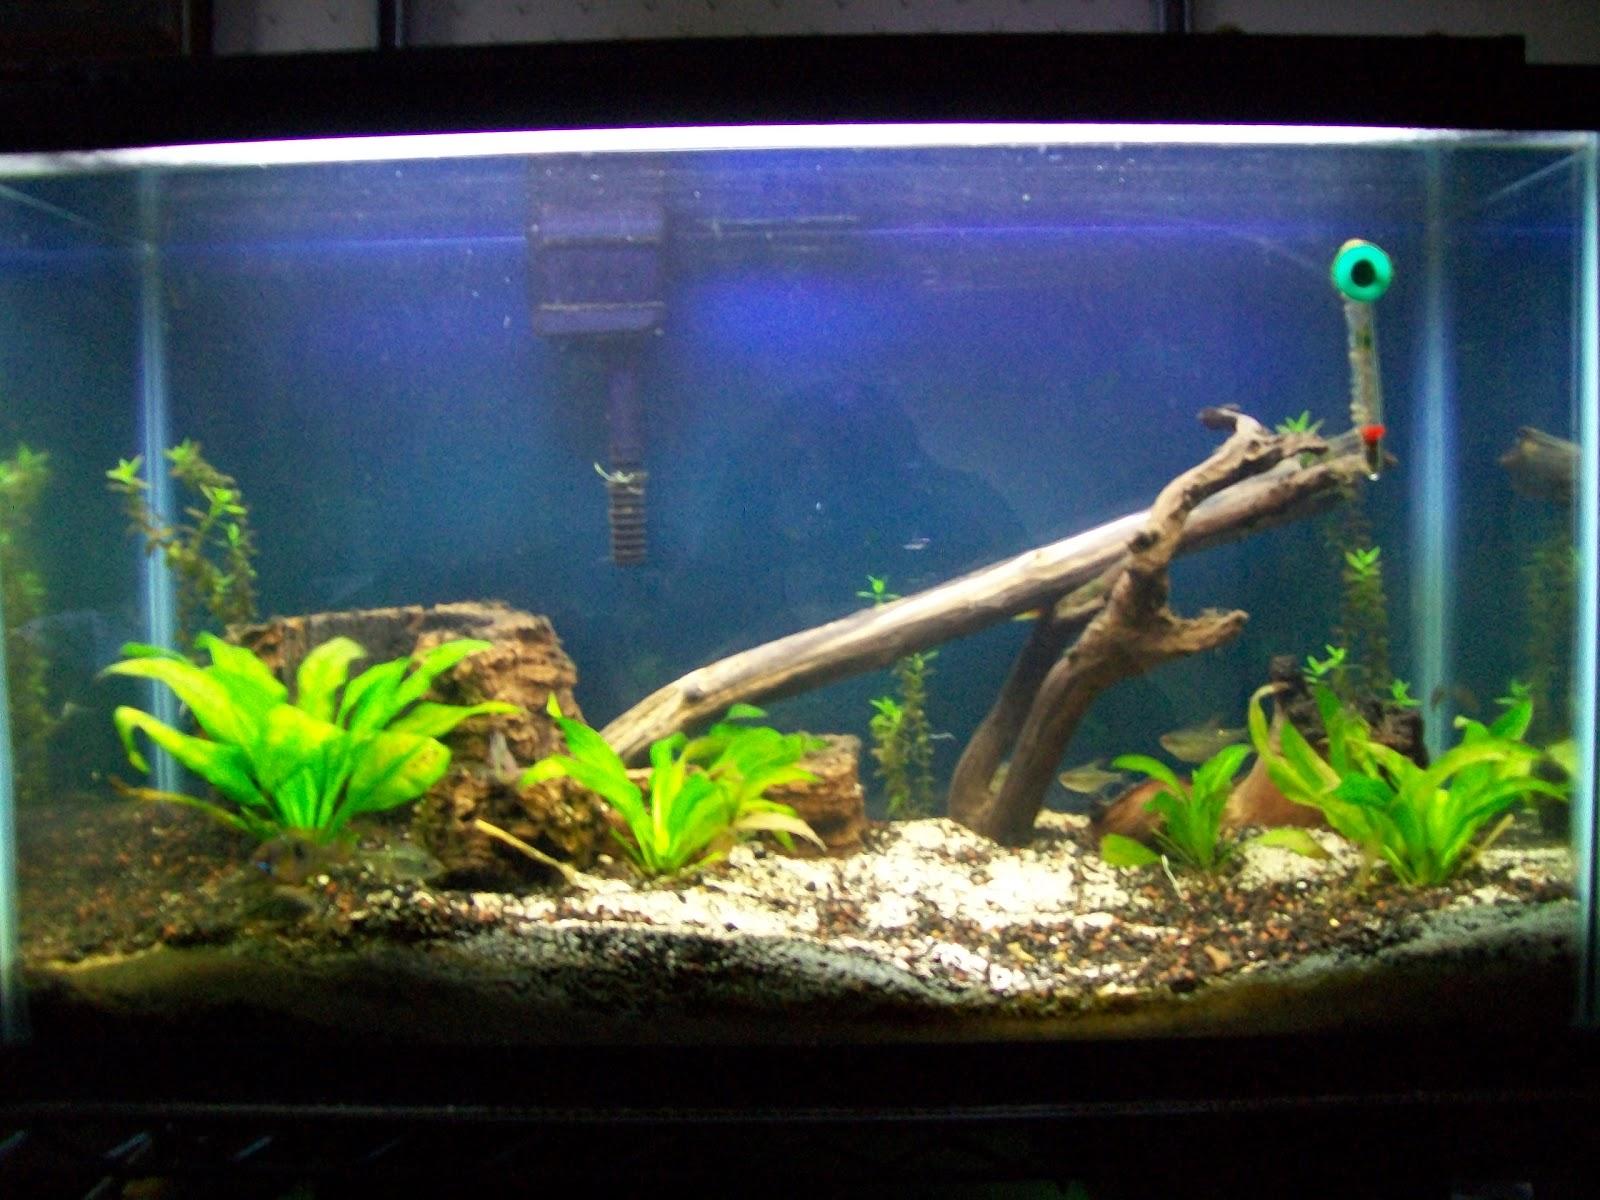 30 gallon native fish tank tanks a 30 gallon tank that for Fish tank gallon calculator